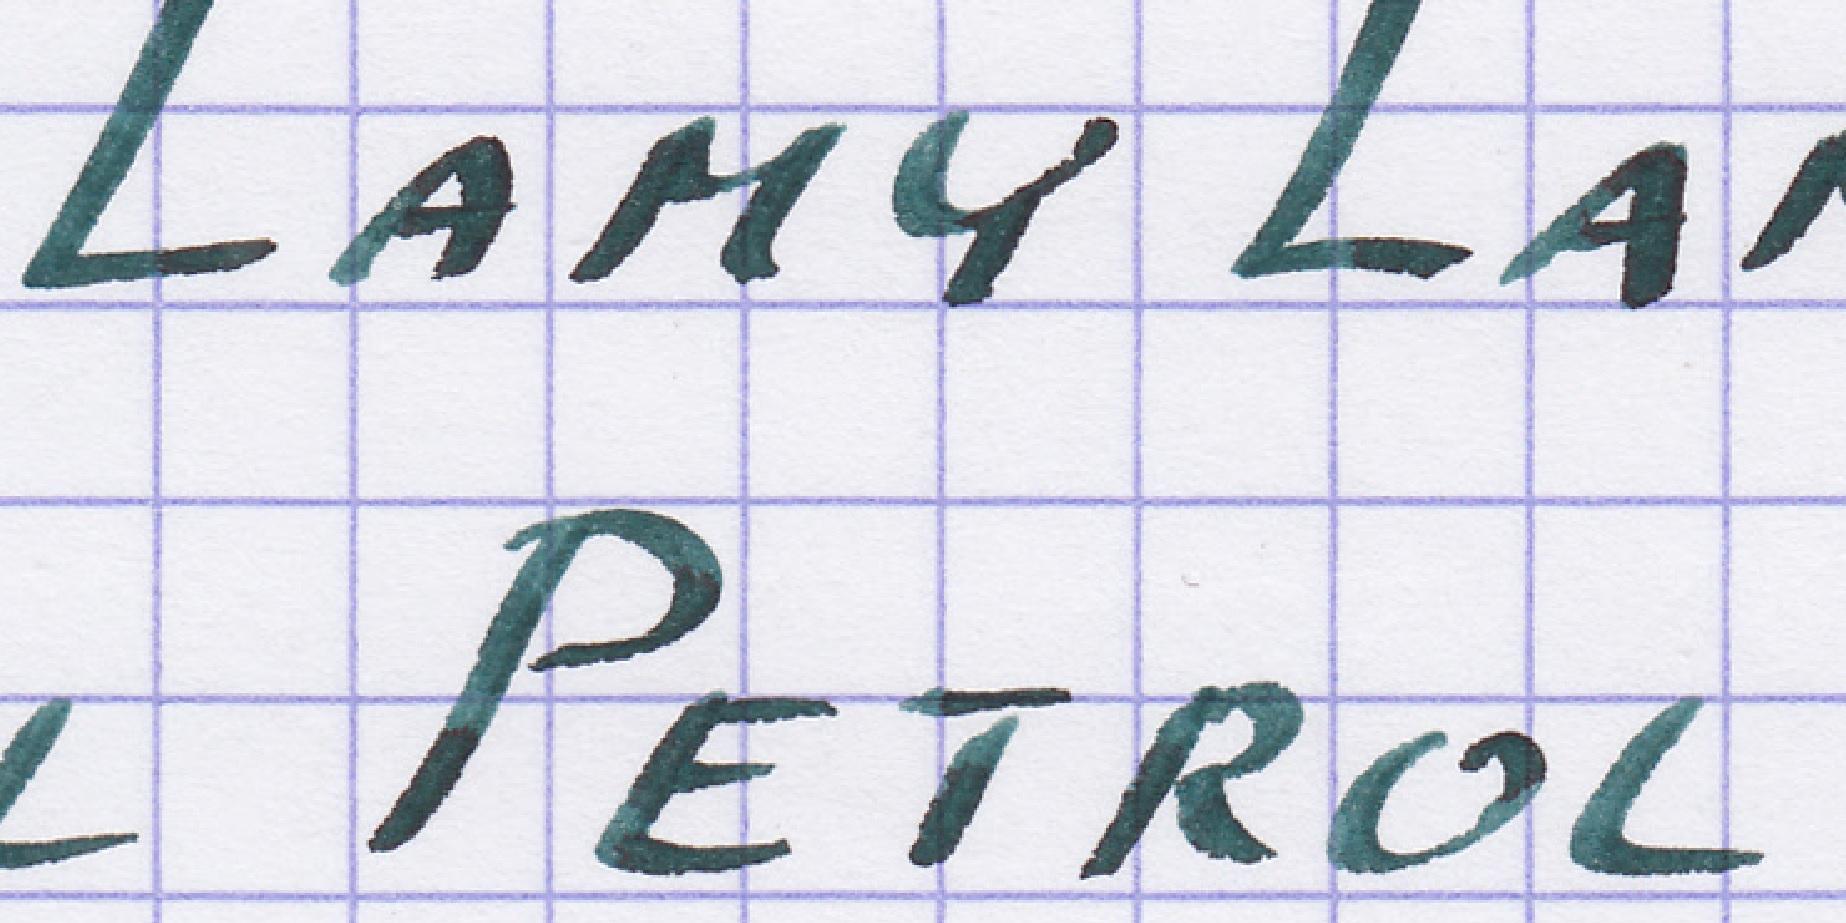 fpn_1491991724__petrol_lamy_ox_2.jpg